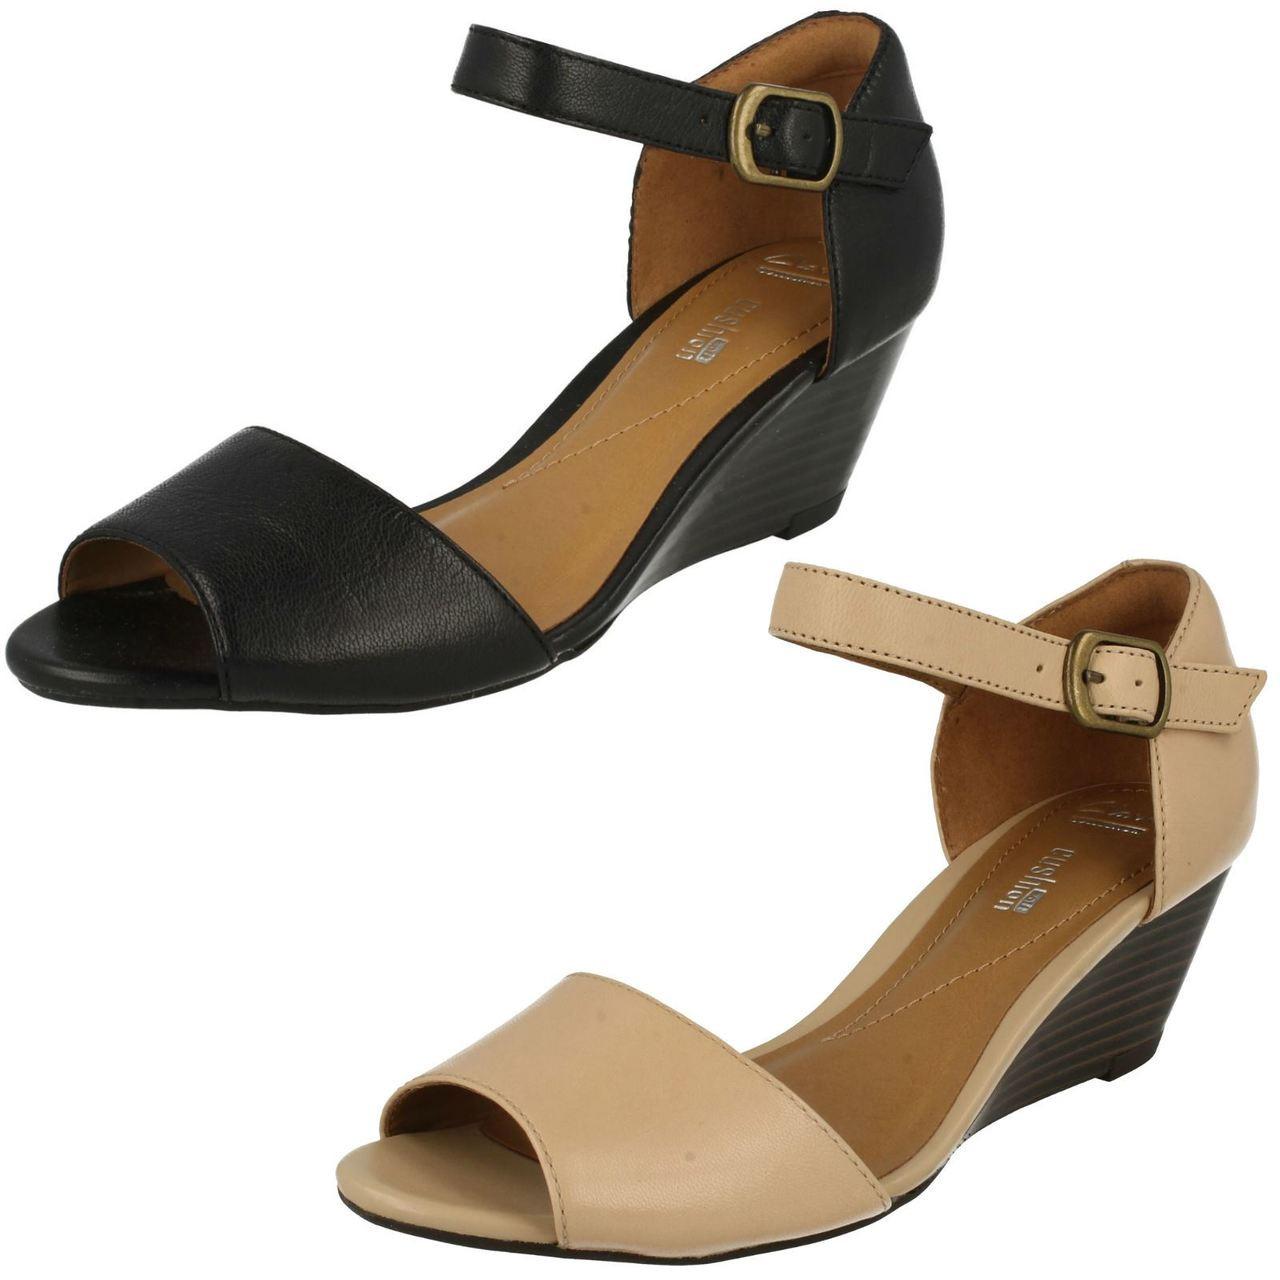 Ladies Clarks Smart Wedge Sandals